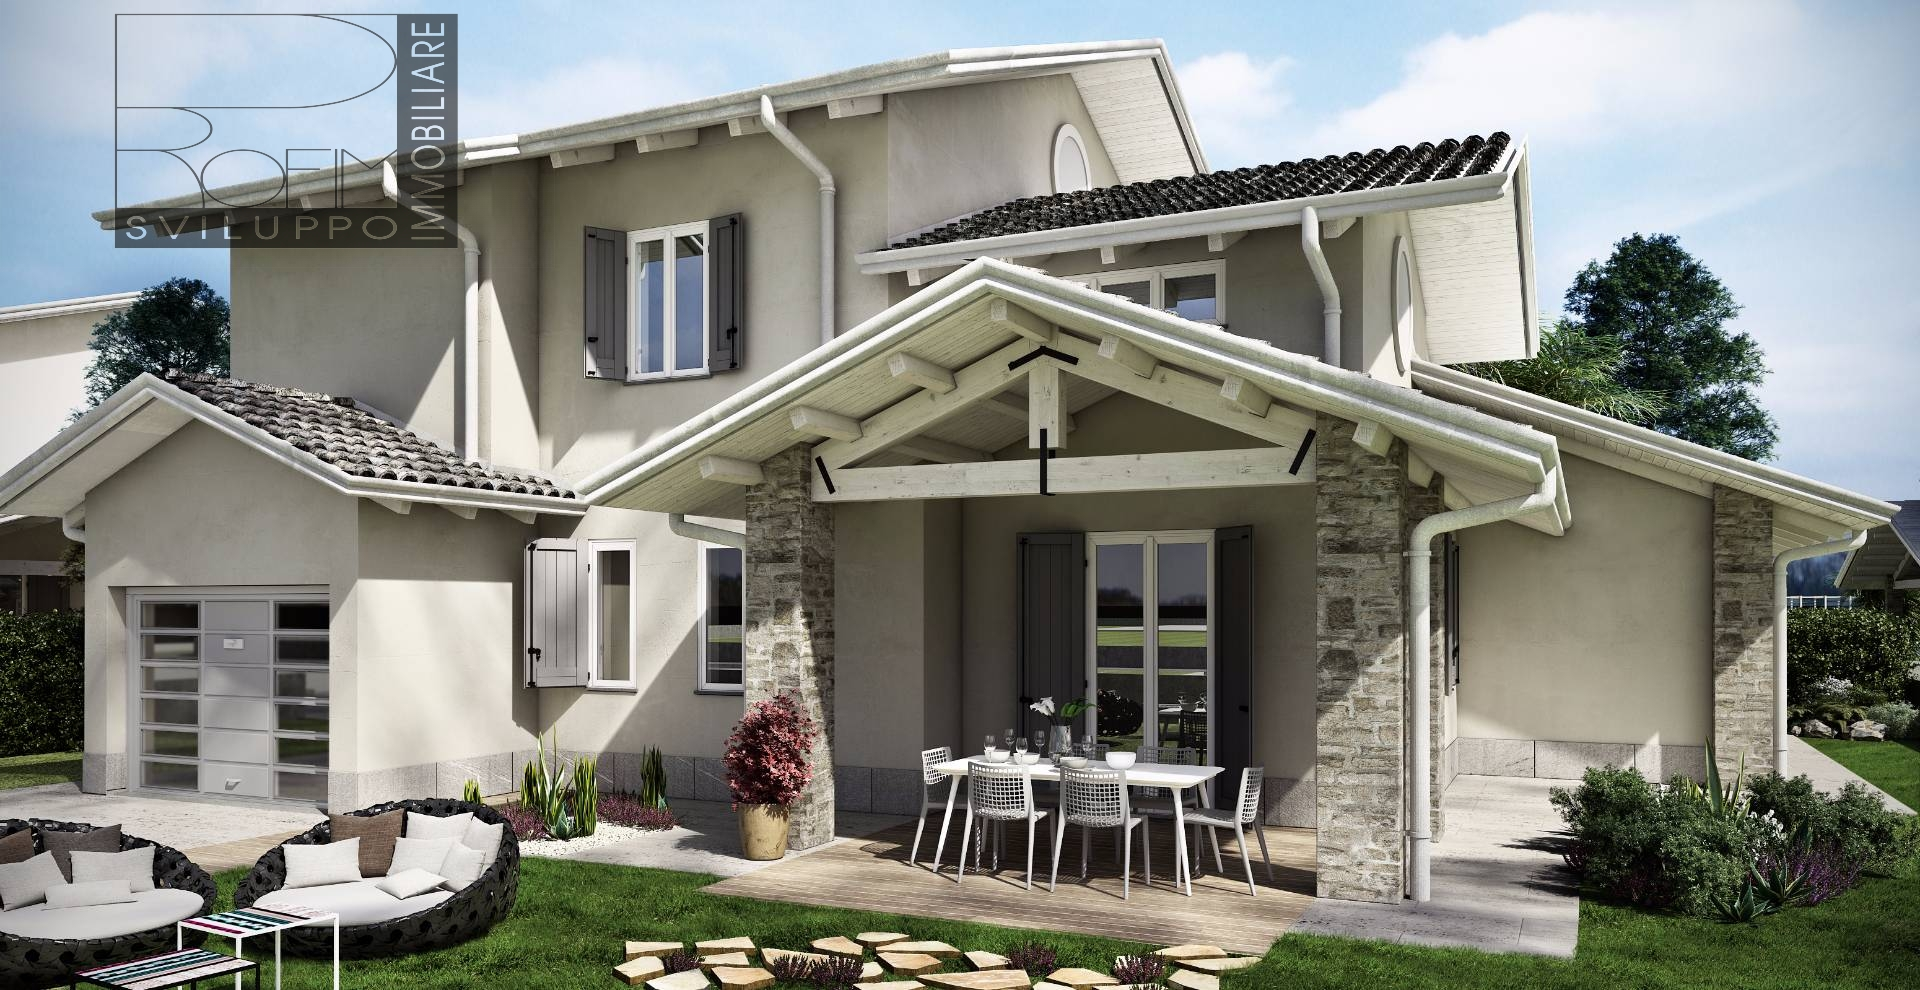 Villa in vendita a Spino d'Adda, 4 locali, prezzo € 566.000 | Cambio Casa.it